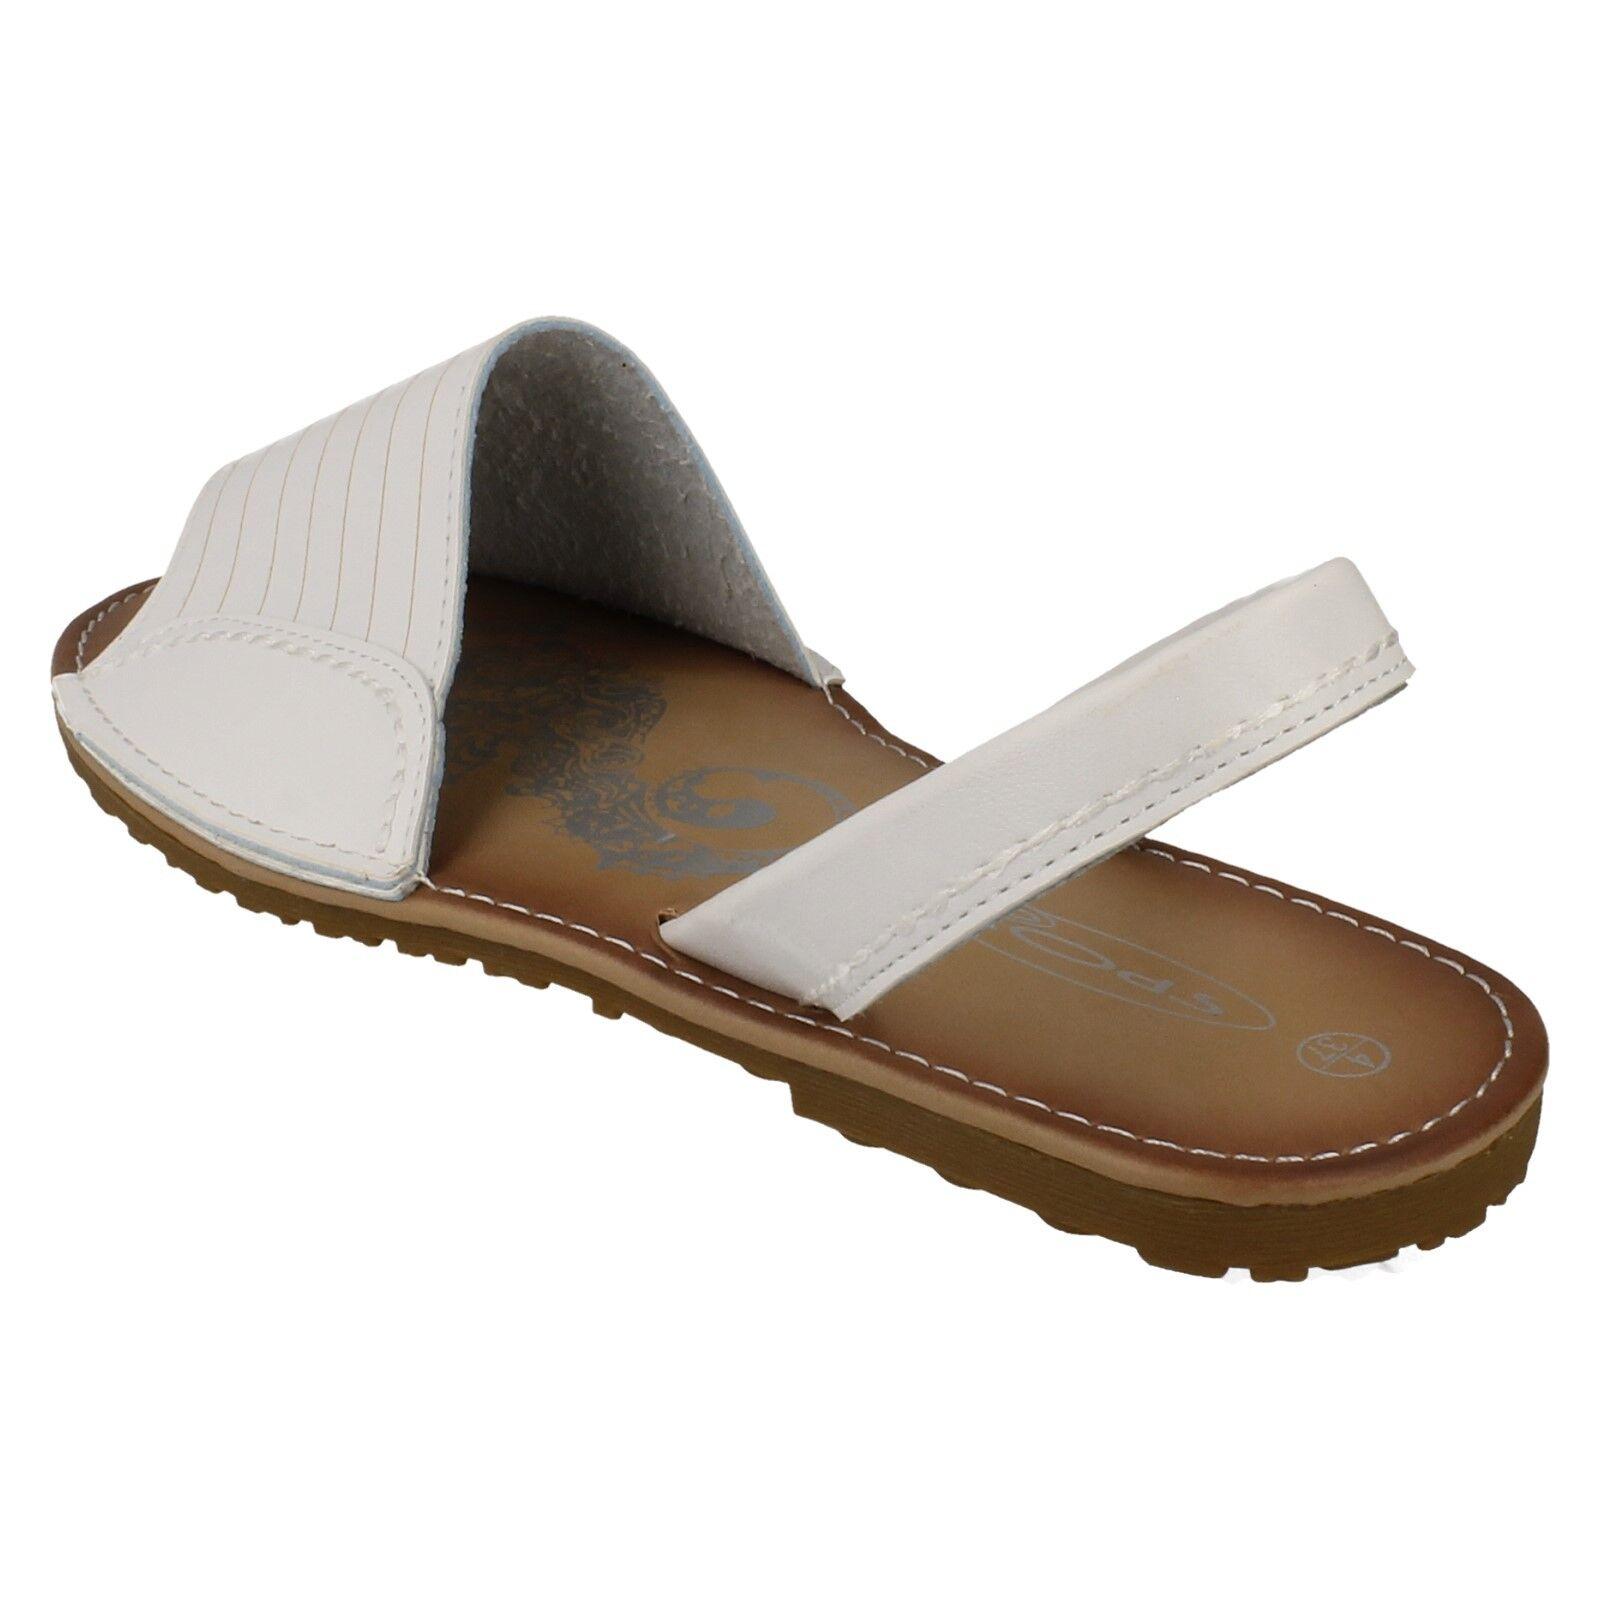 SALE LADIES BAMBOO FLAT PEEP TOE ELASTICATED SLIP ON MULE SUMMER SANDALS F0R690